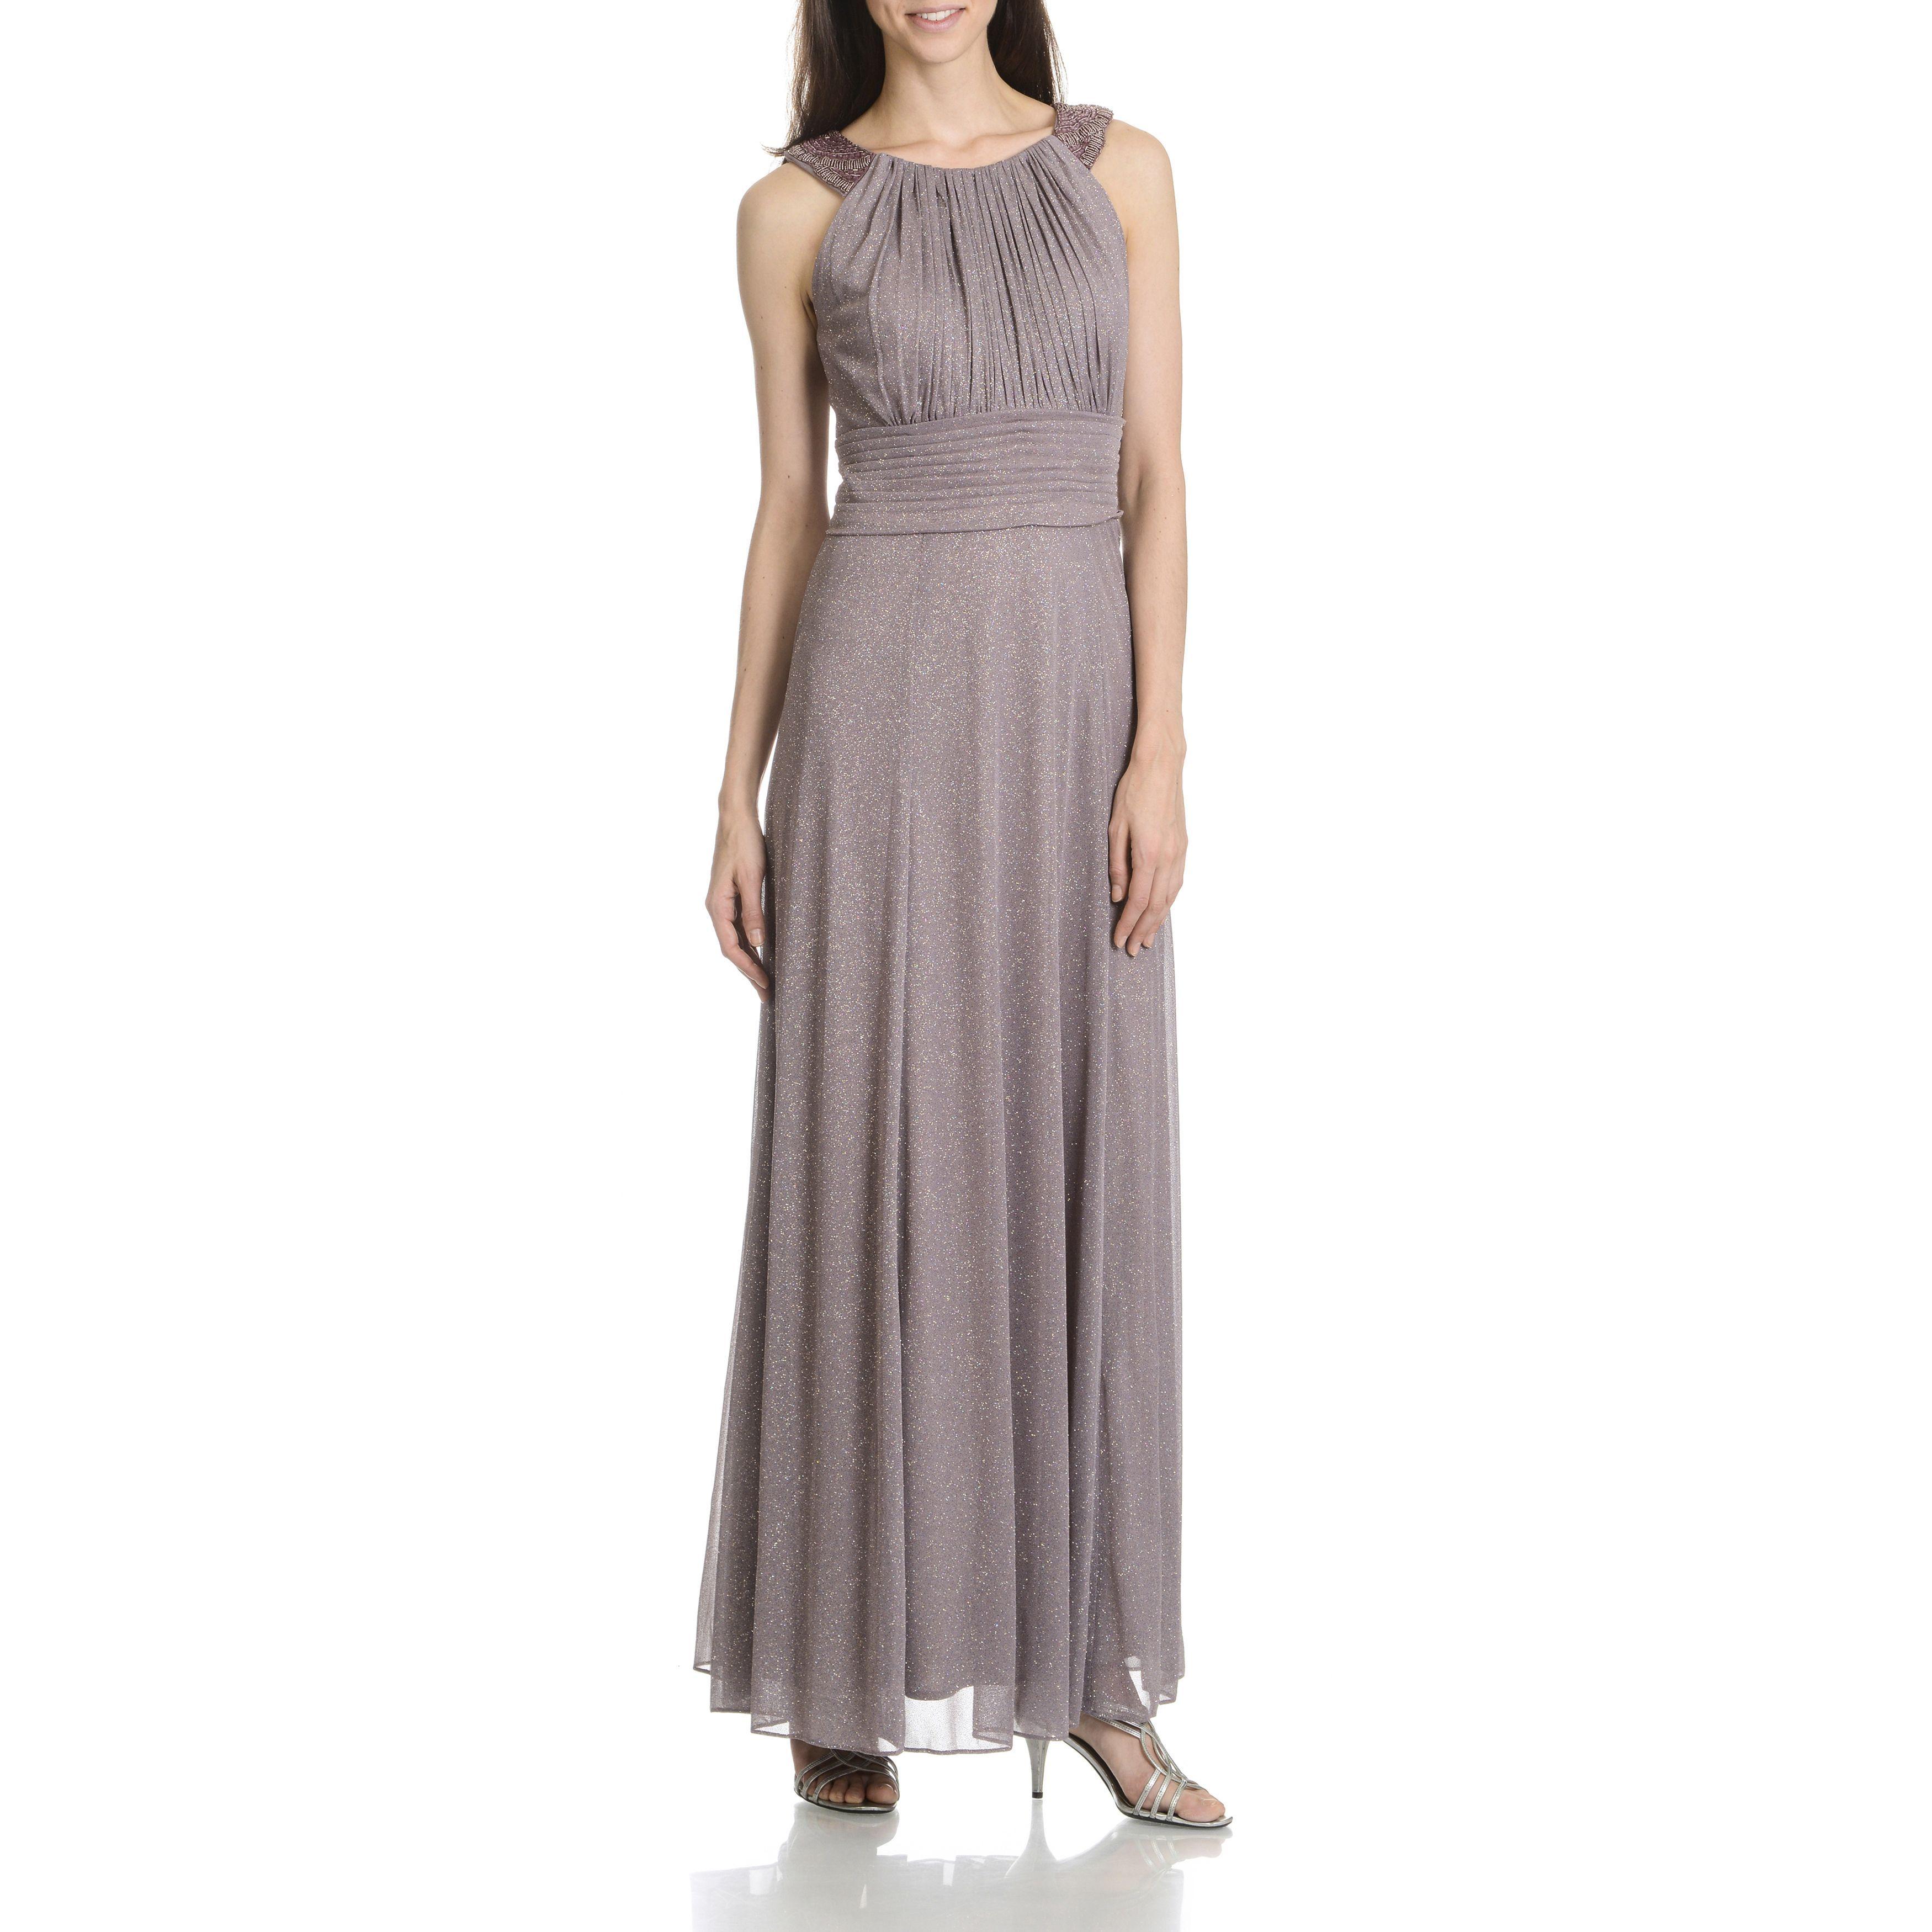 9cd9566a852 Cachet Women s Glitter Mesh Beaded Sleeveless Evening Gown ...